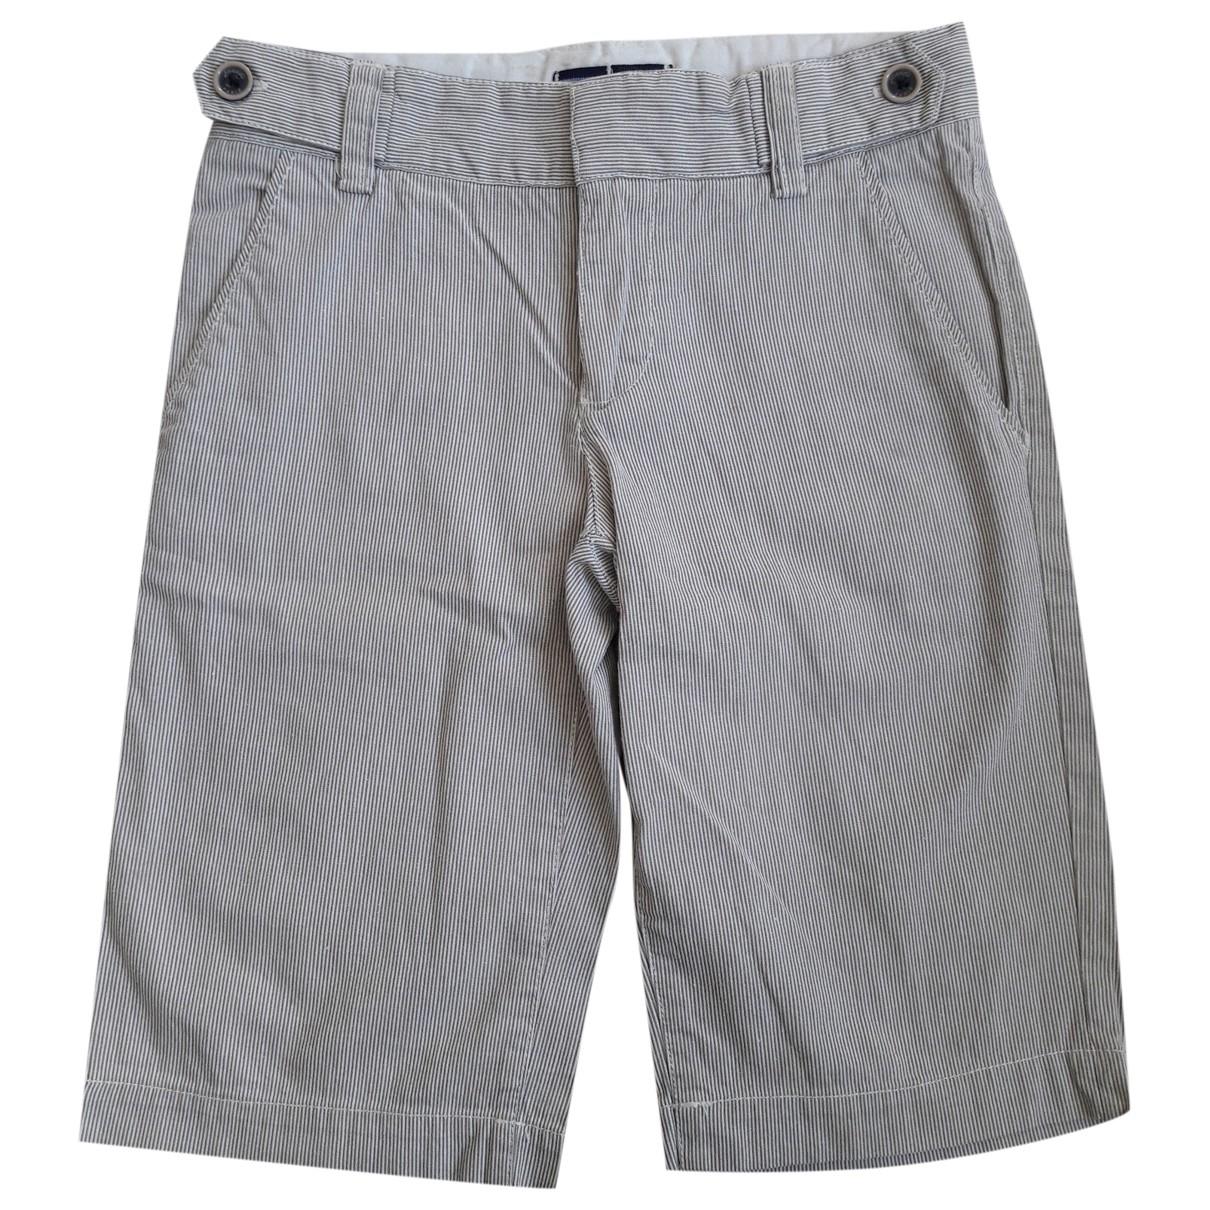 Jacadi - Short   pour enfant en coton - beige